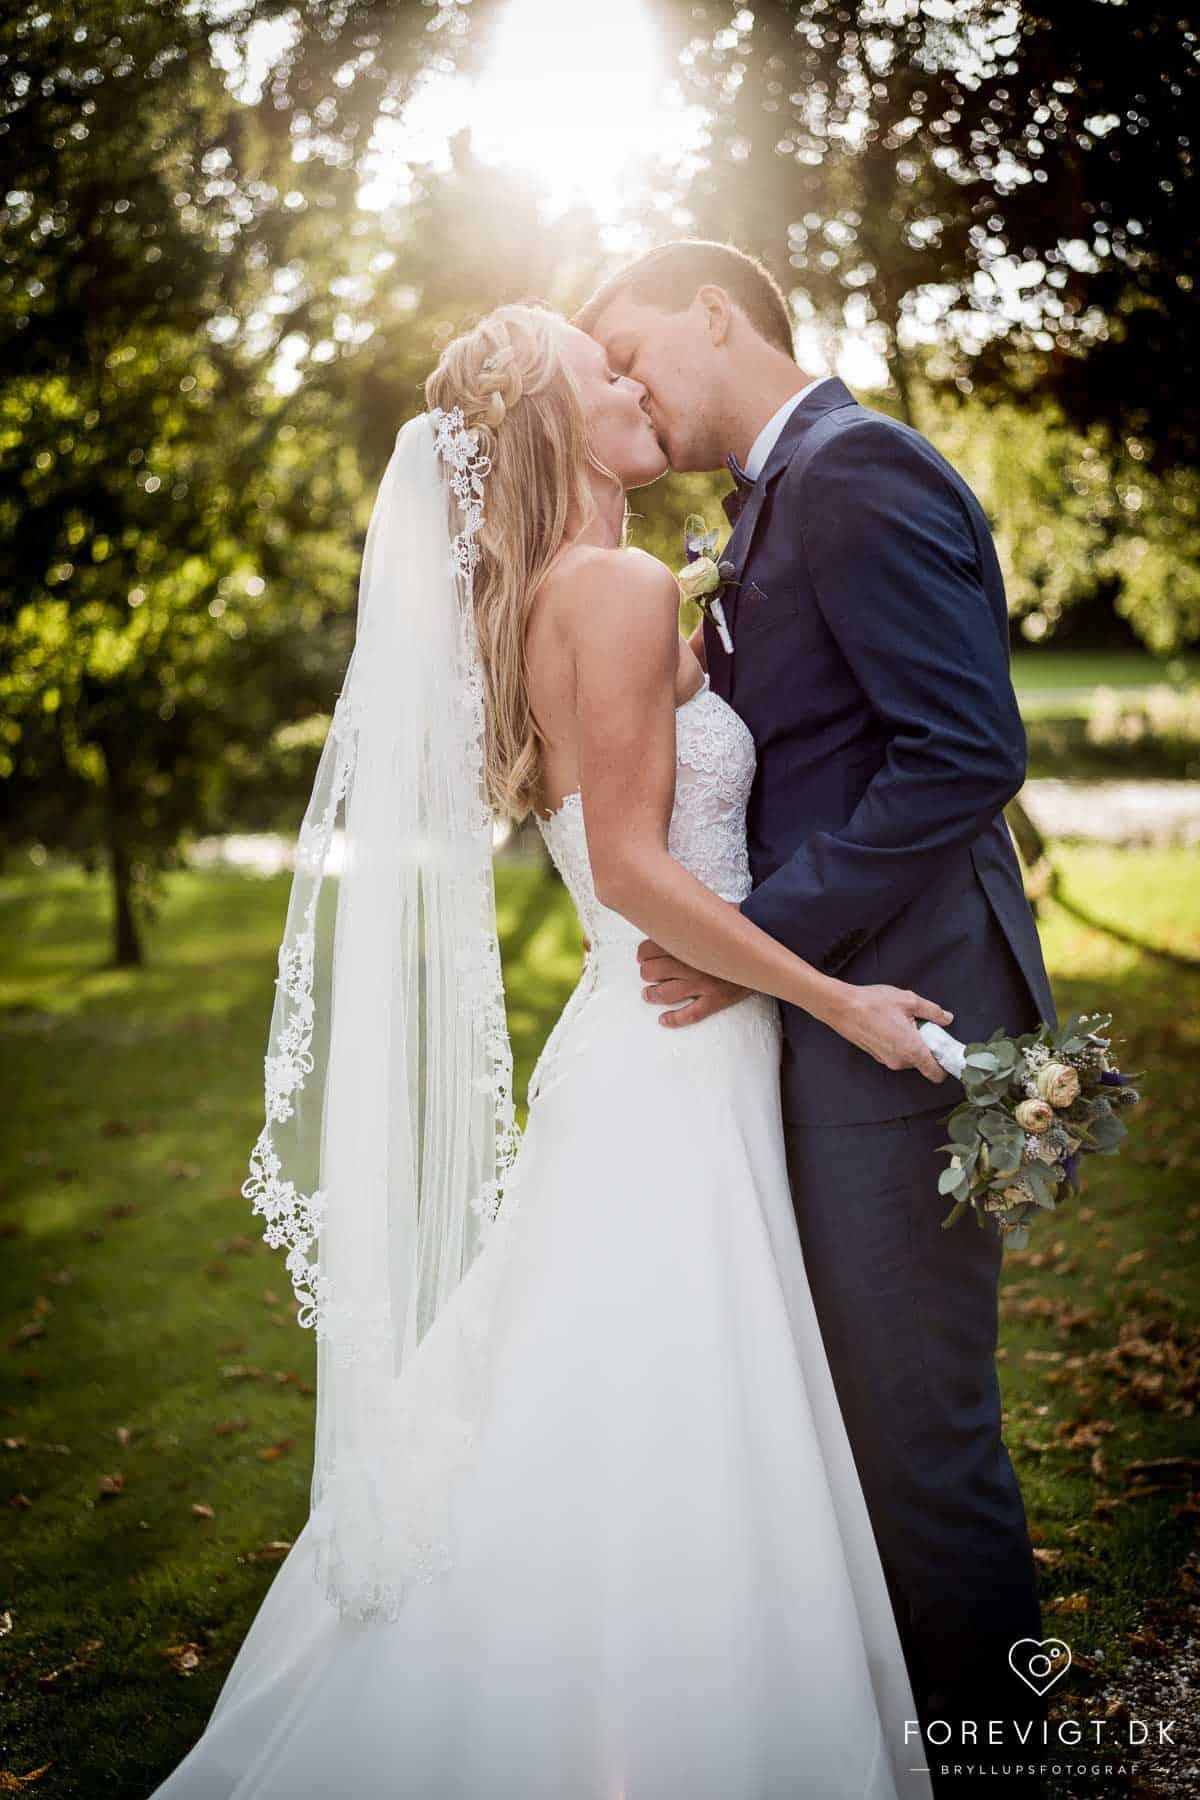 Bryllupsfotograf Sønderjylland - fotografer, bryllupsbilleder, bryllupsfotografer